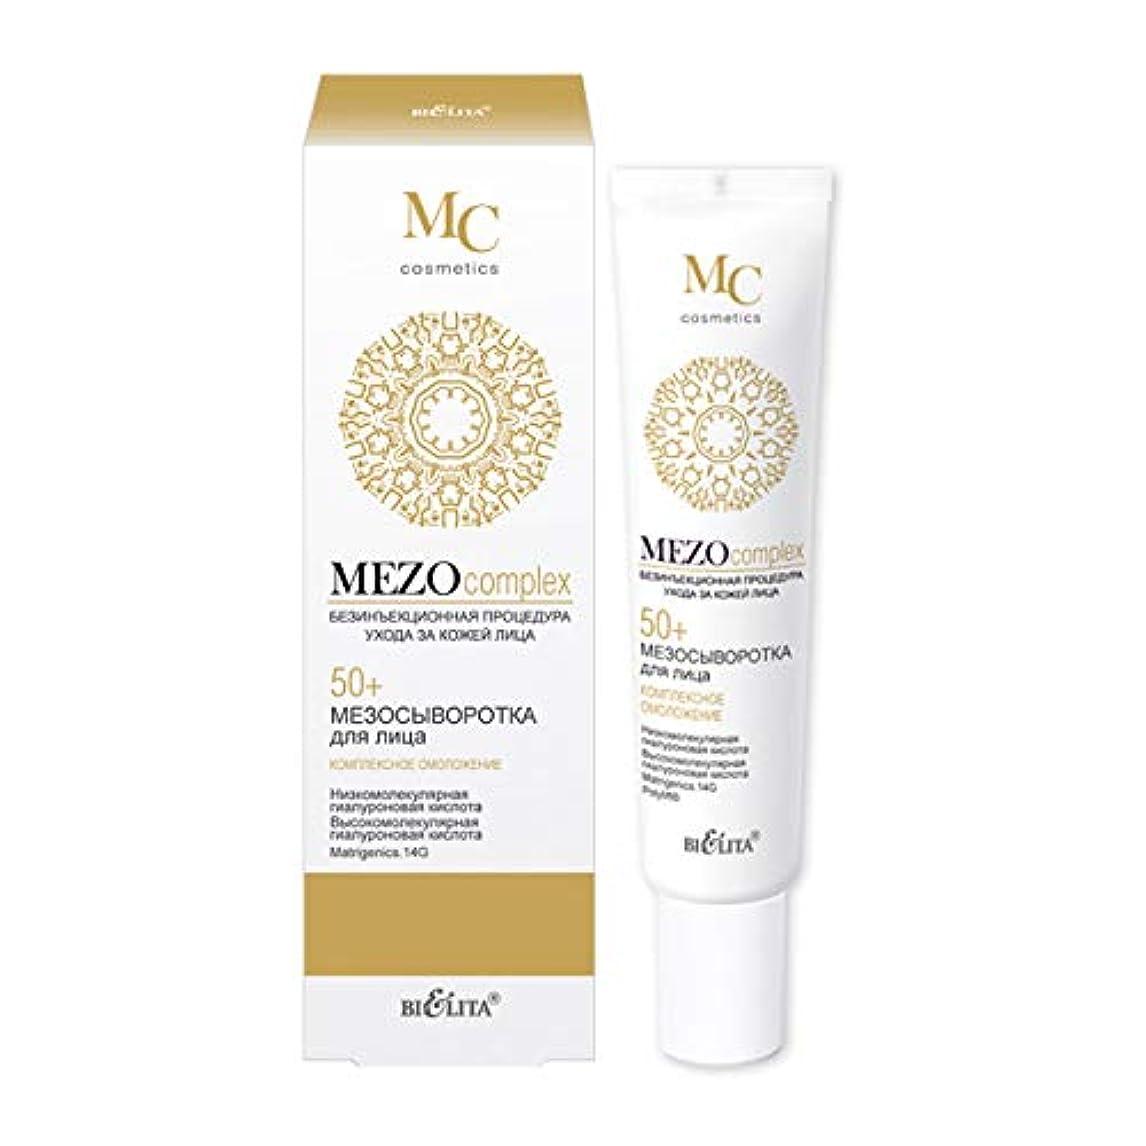 休憩する年金傾向があるMezo complex | Mezo Serum Complex 50+ | Non-injection facial skin care procedure | Hyaluronic acid | Matrigenics.14G | Polylift | Active formula | 20 ml